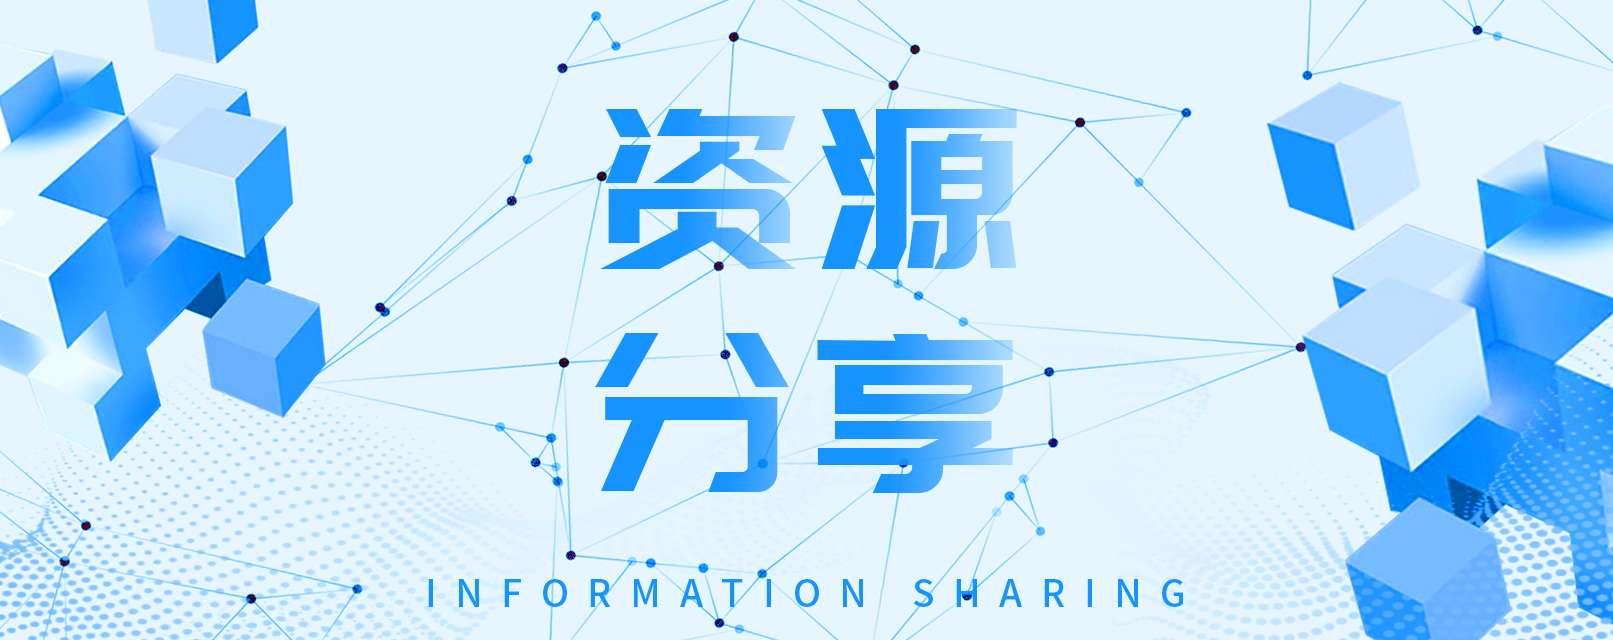 【资源分享】虚拟大师(全新黑科技)